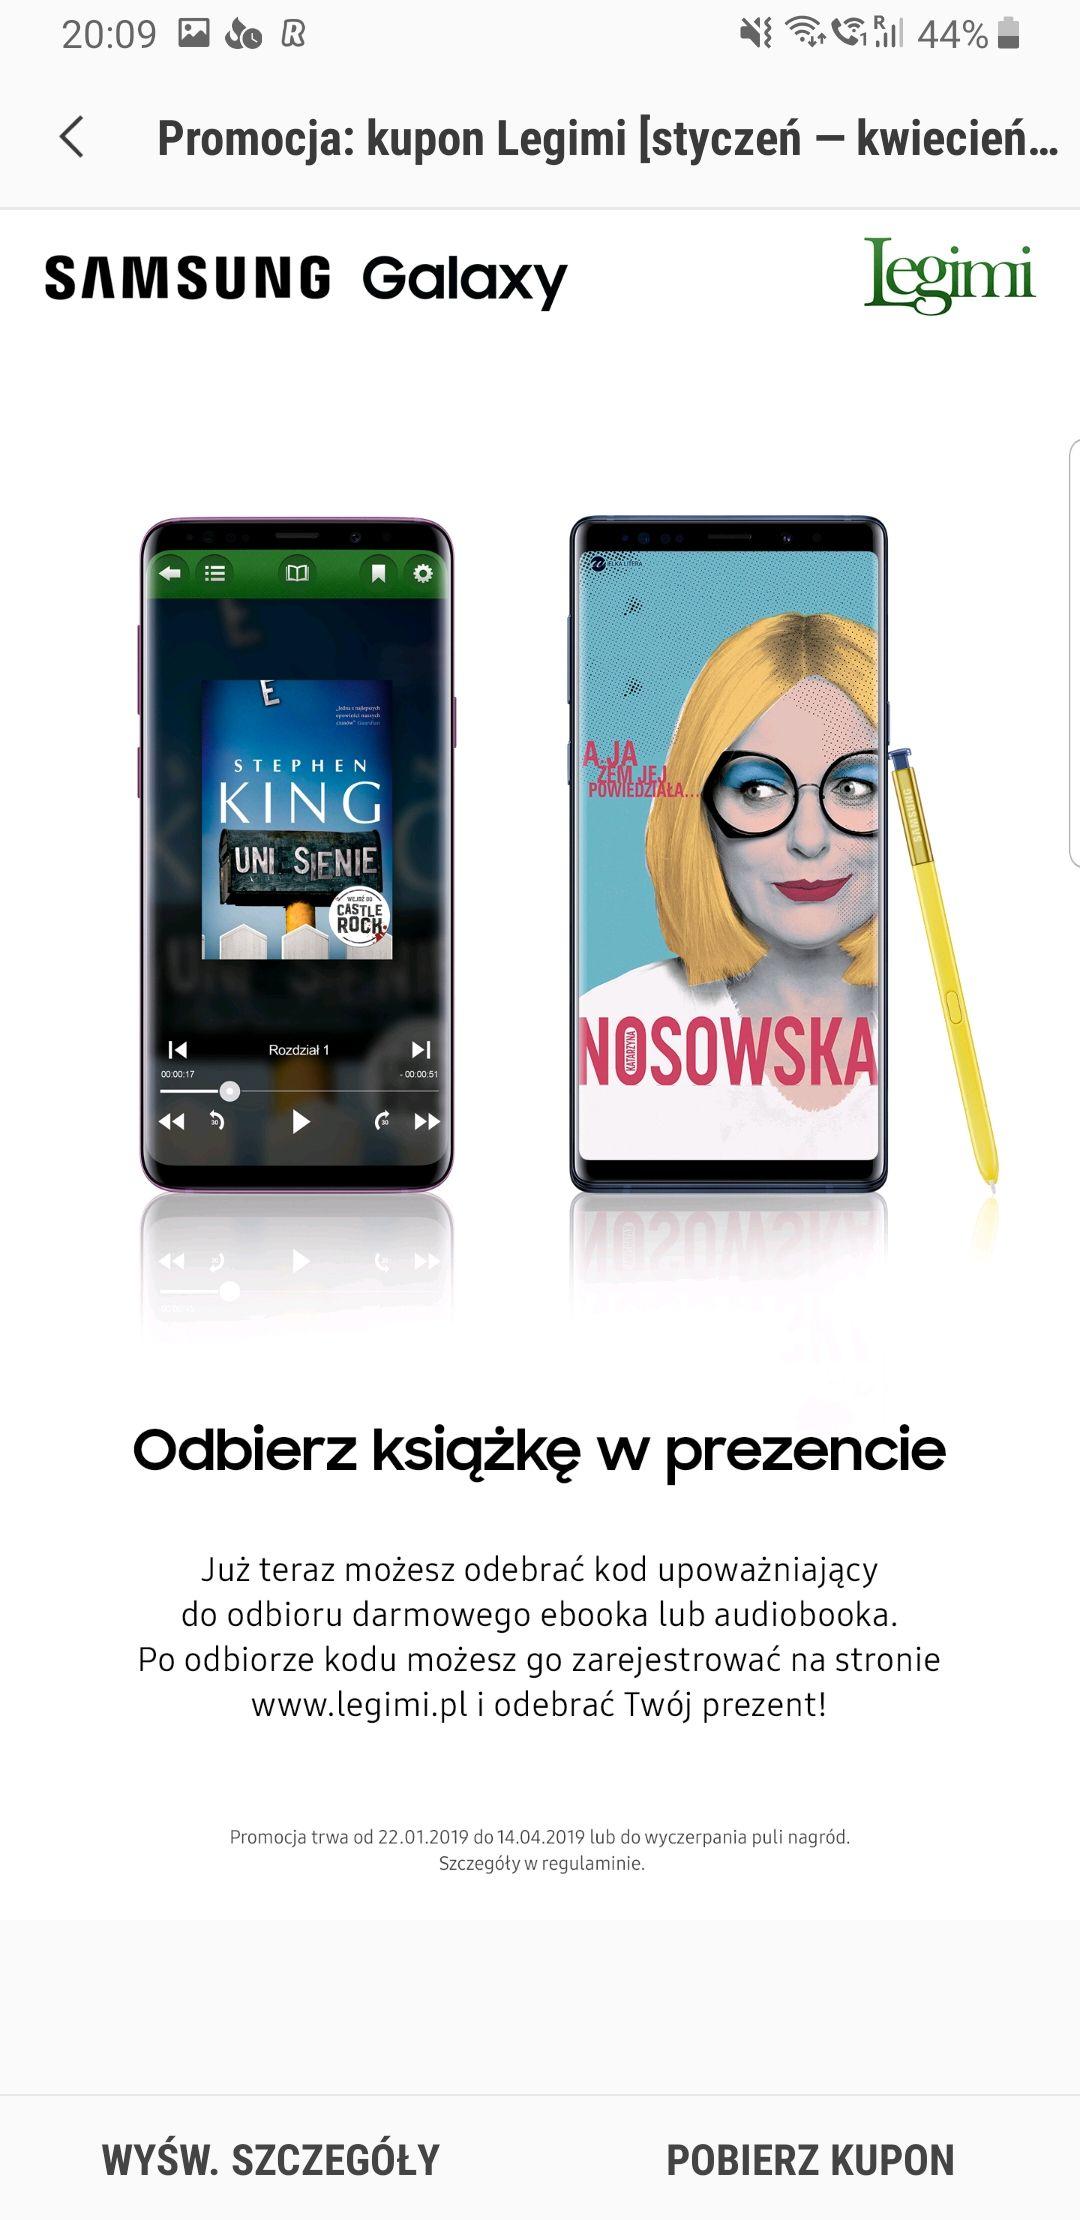 Samsung Members Ebook lub audiobook za darmo dla posiadaczy wybranych Galaktyk